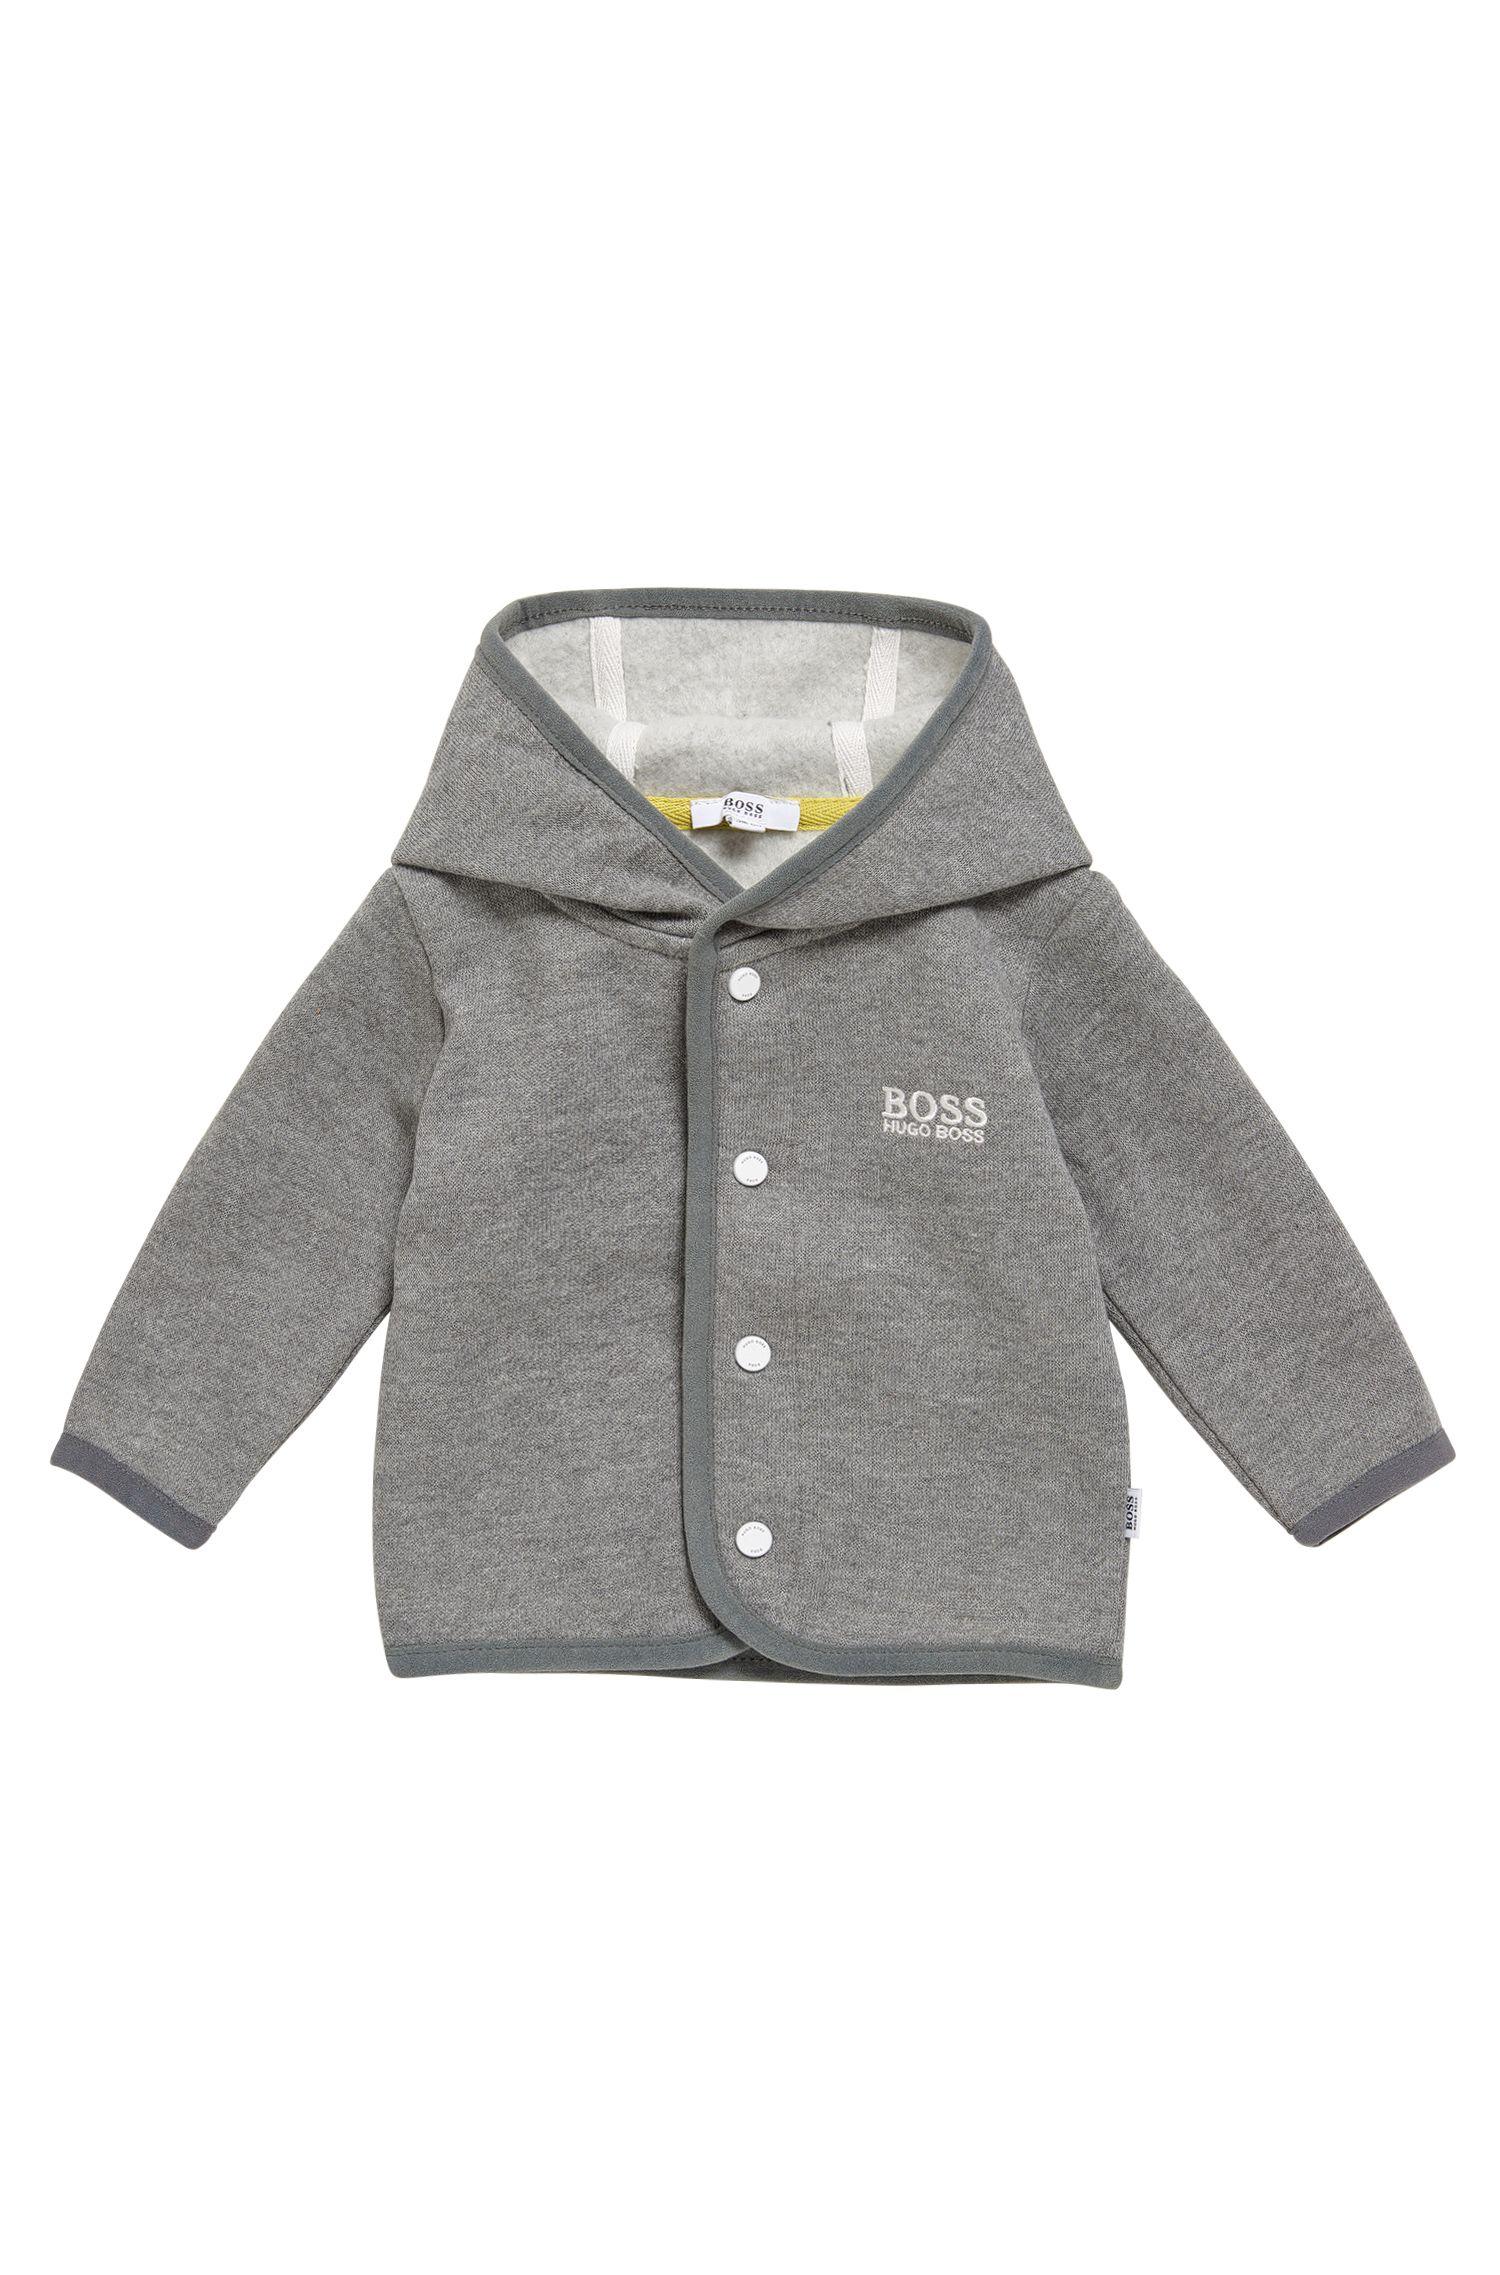 Blouson sweat pour bébé en coton mélangé, à capuche: «J95212»